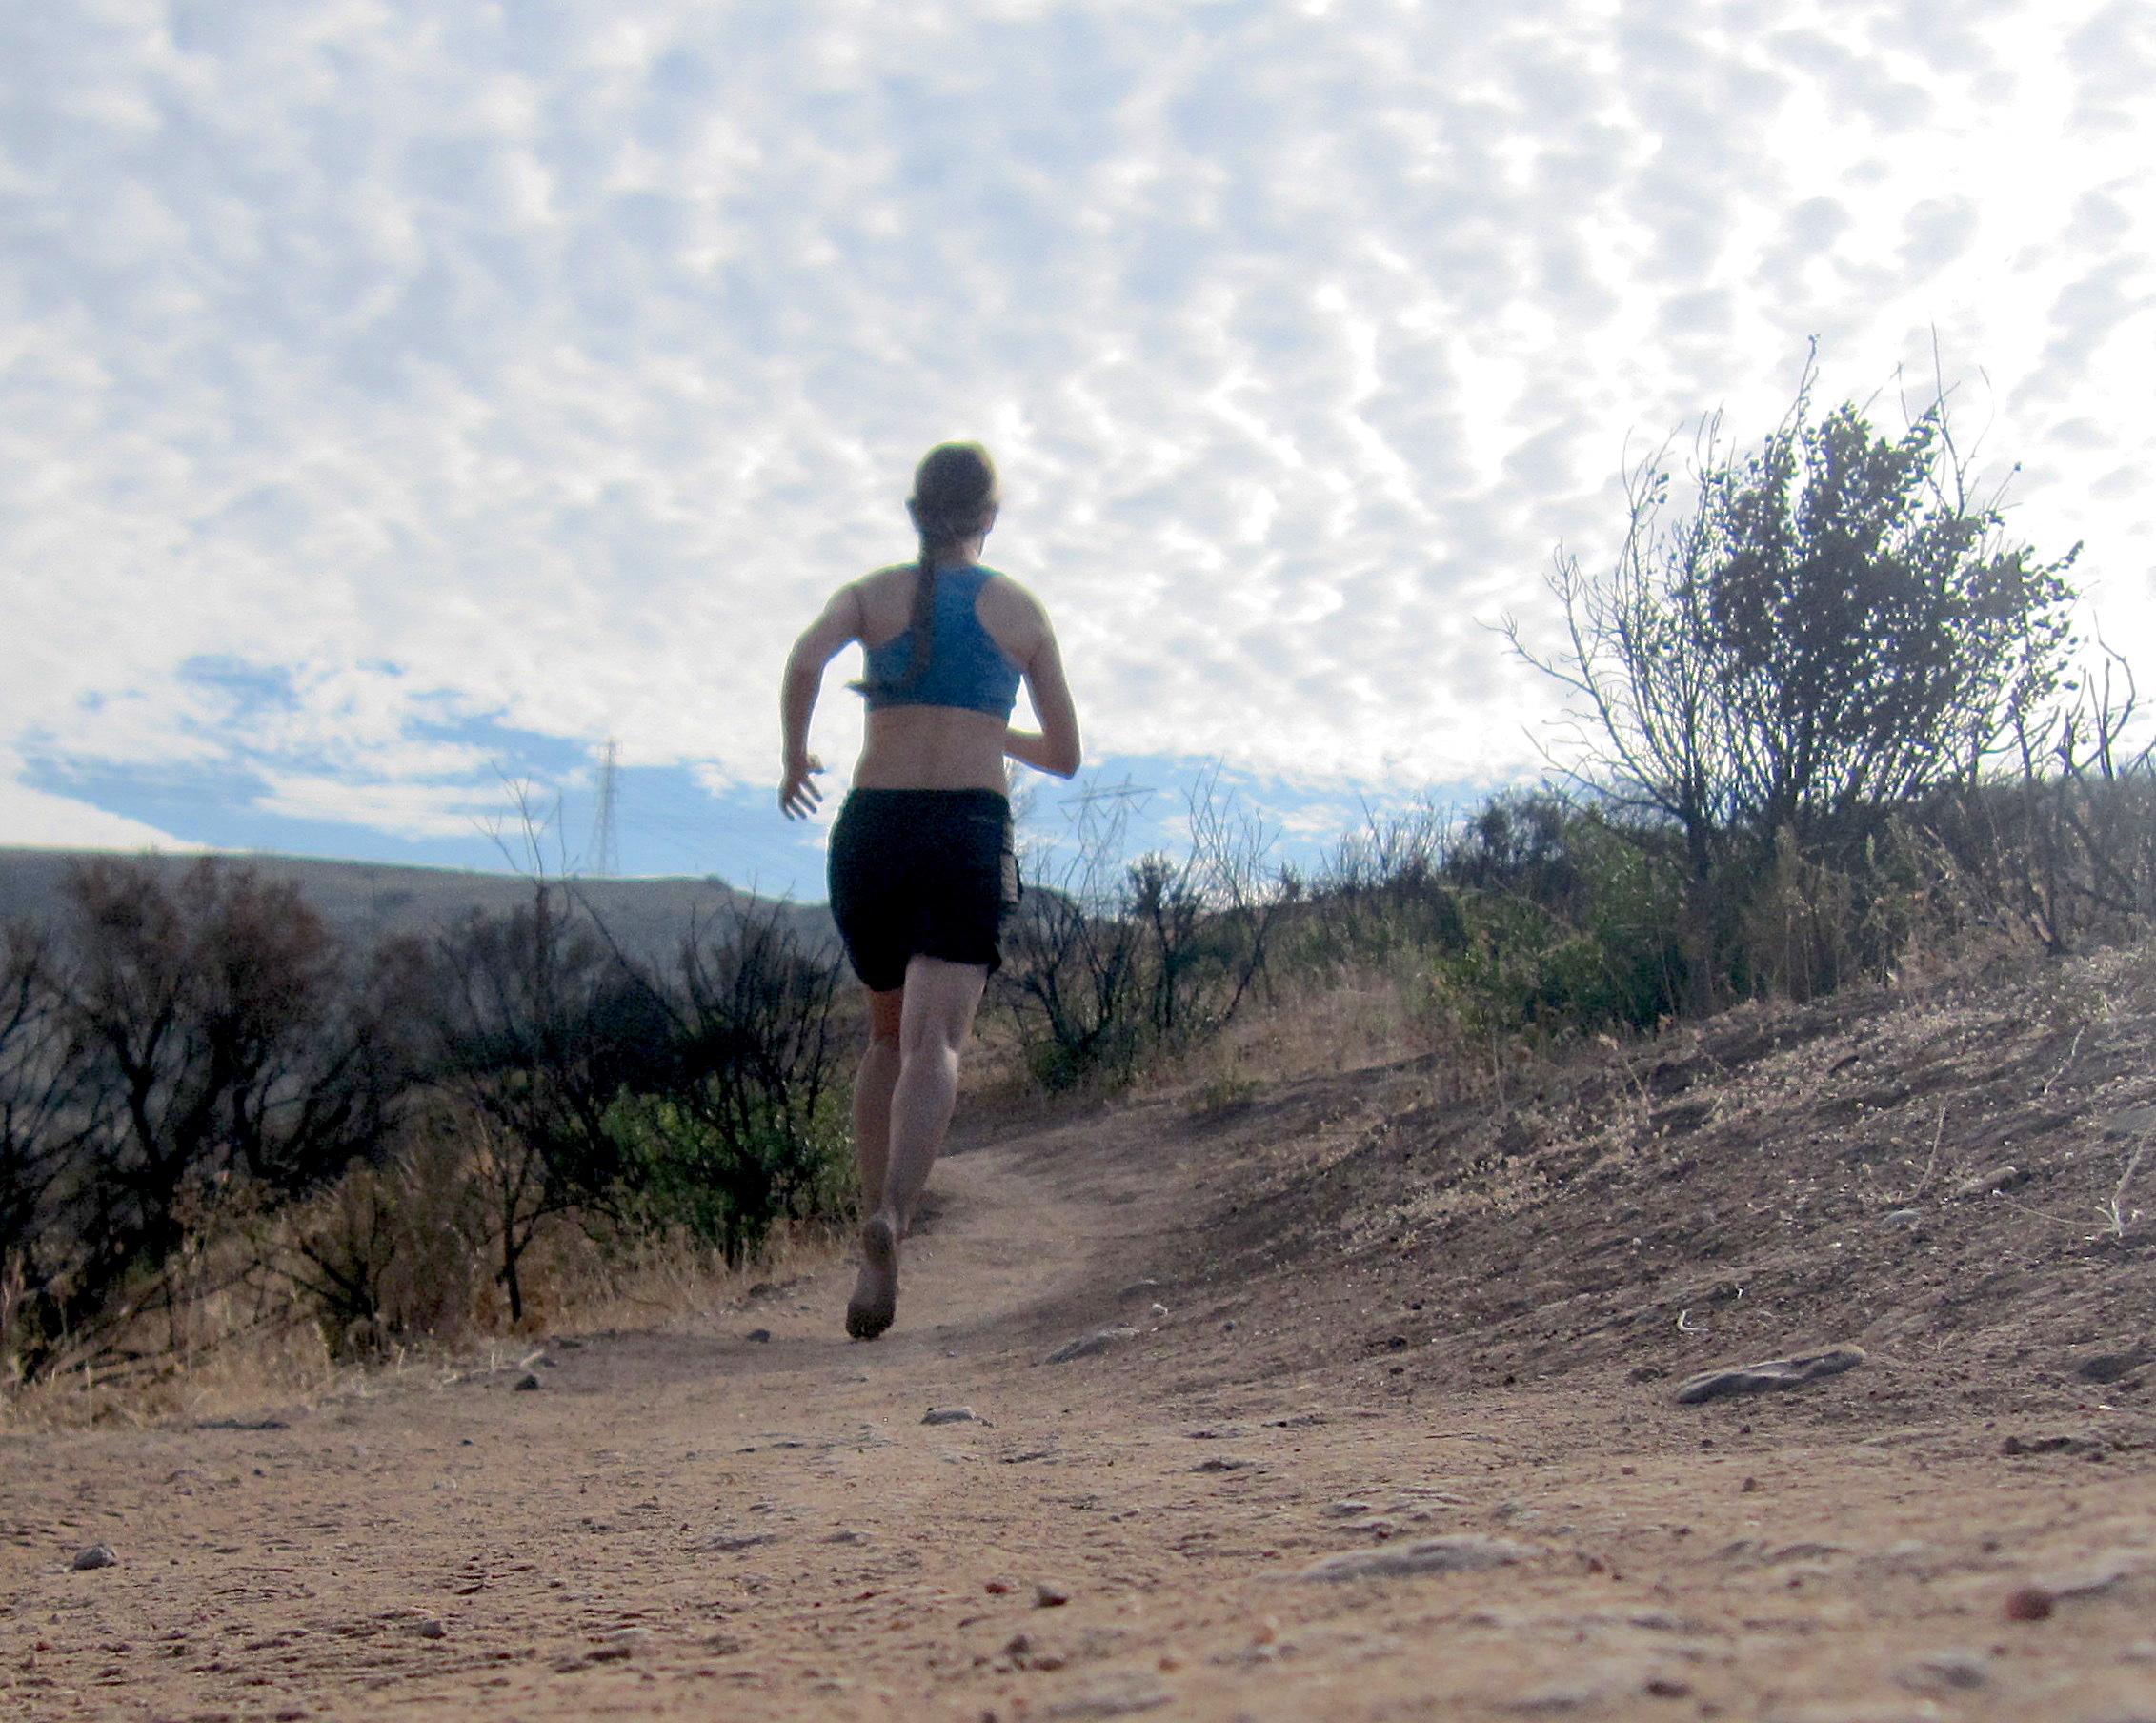 barefoot summer running